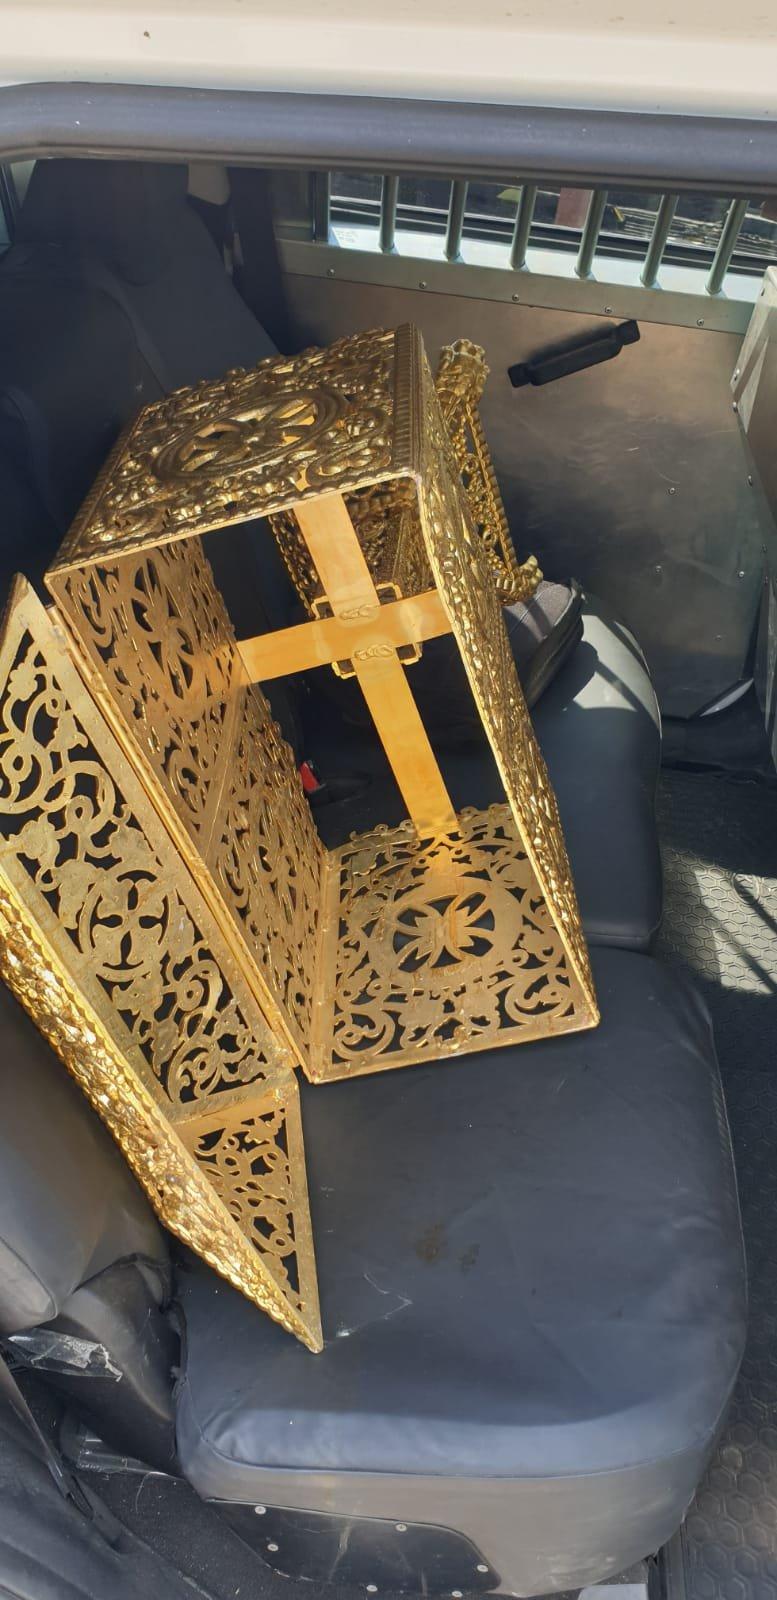 اعتقال شخصيّن قاما بسرقة الكنيسة اليونانية في طبريا